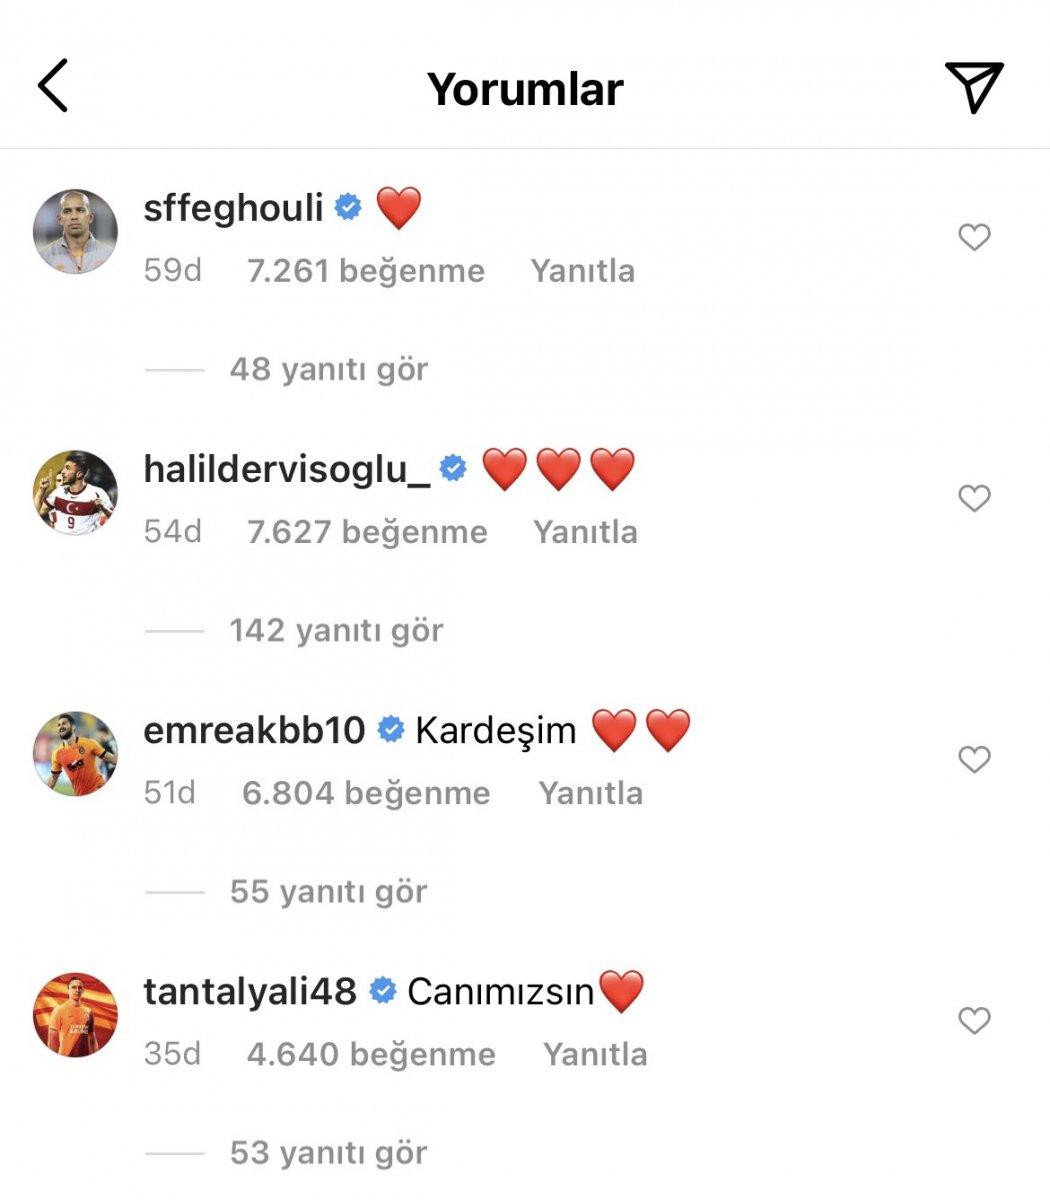 Kerem Aktürkoğlu ndan paylaşım #3